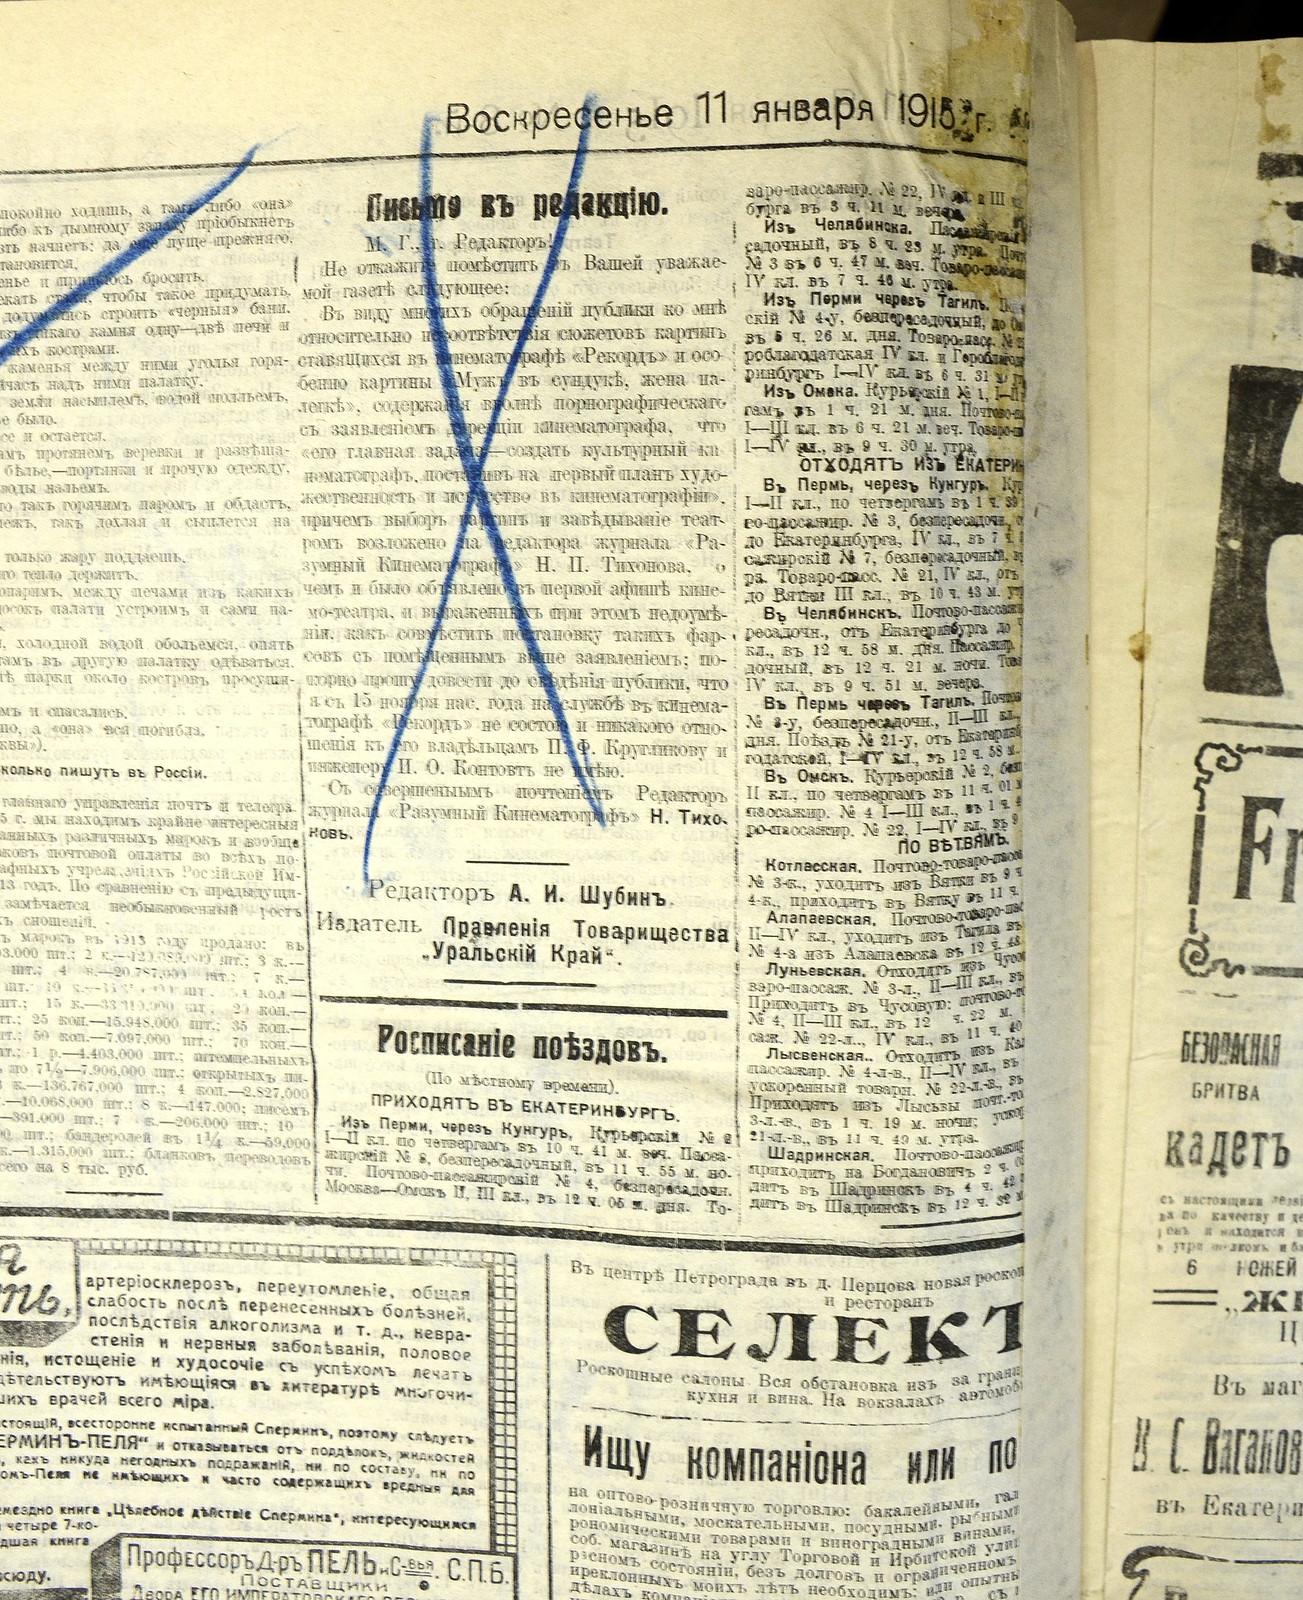 """1915-01-11. """"Разумный кинематограф"""". Редактор Н. Тихонов. DSC_1697"""